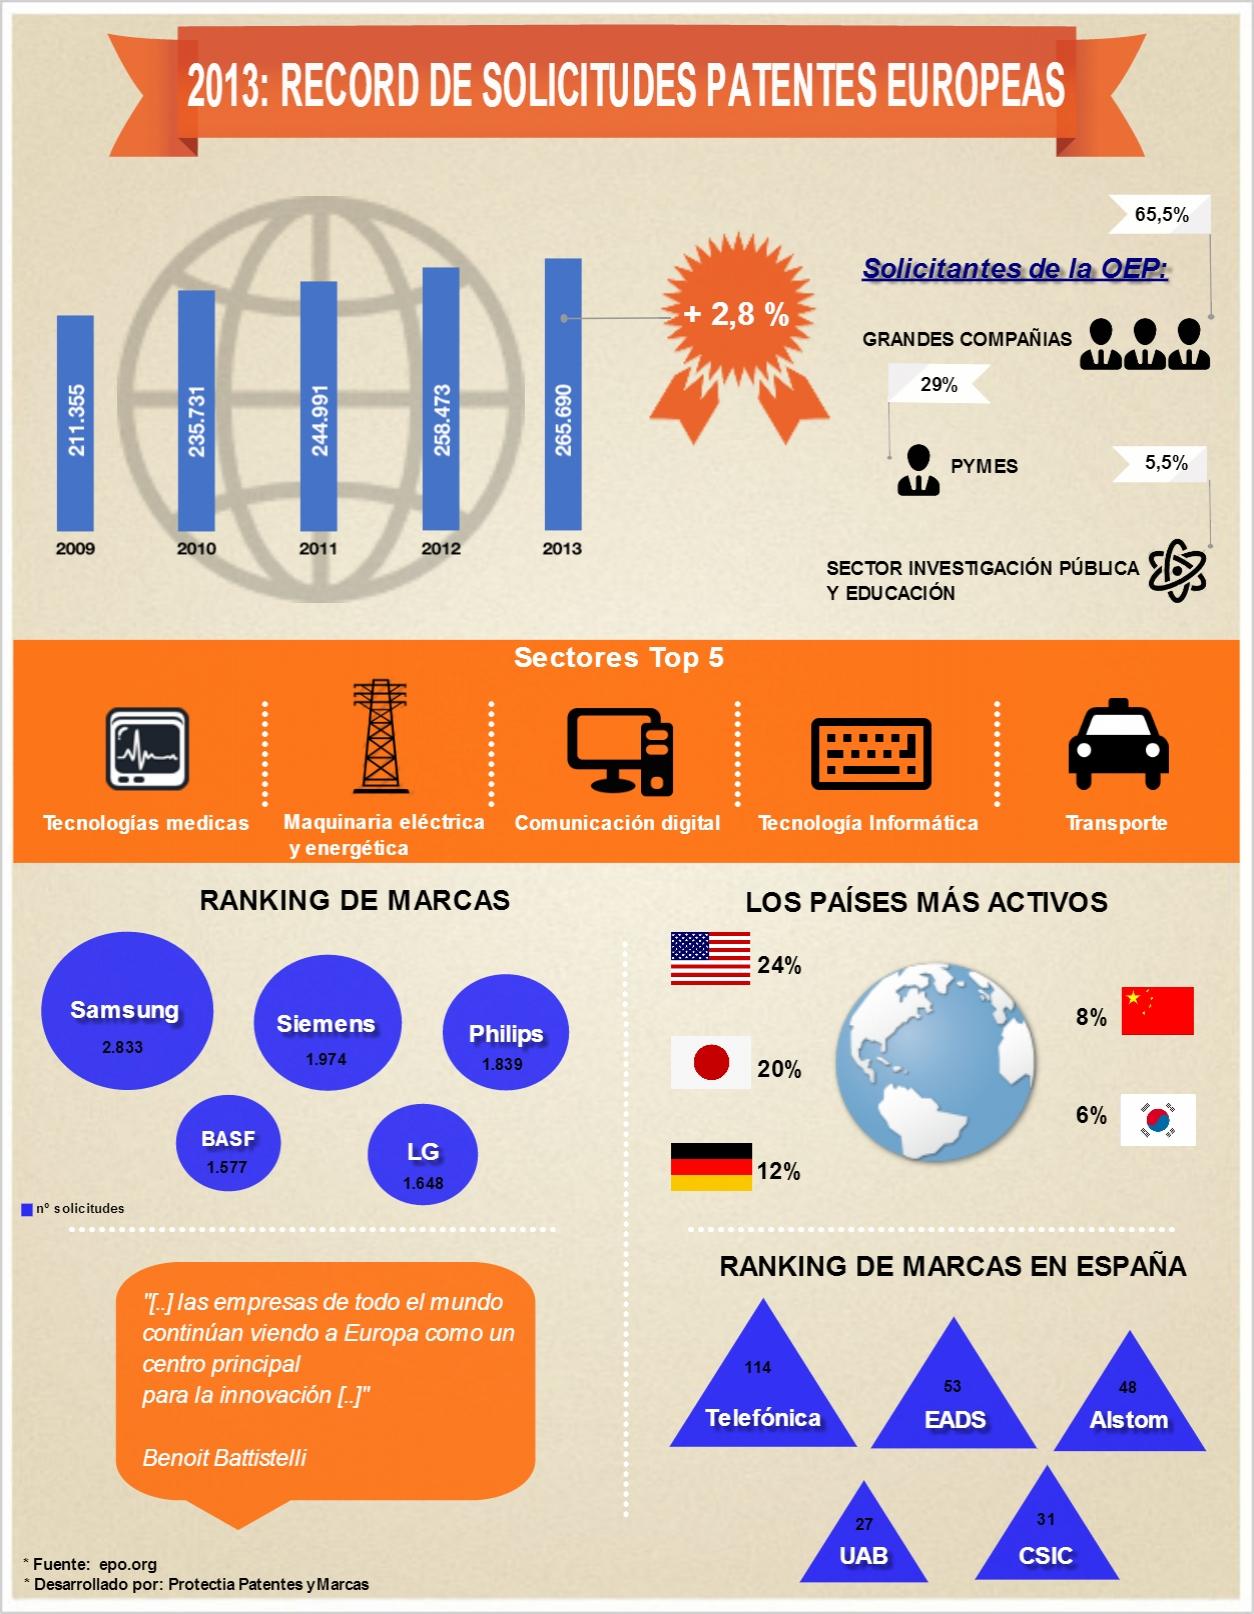 Record de solicitudes de patentes europeas en 2013 - Oficina europea de patentes y marcas alicante ...